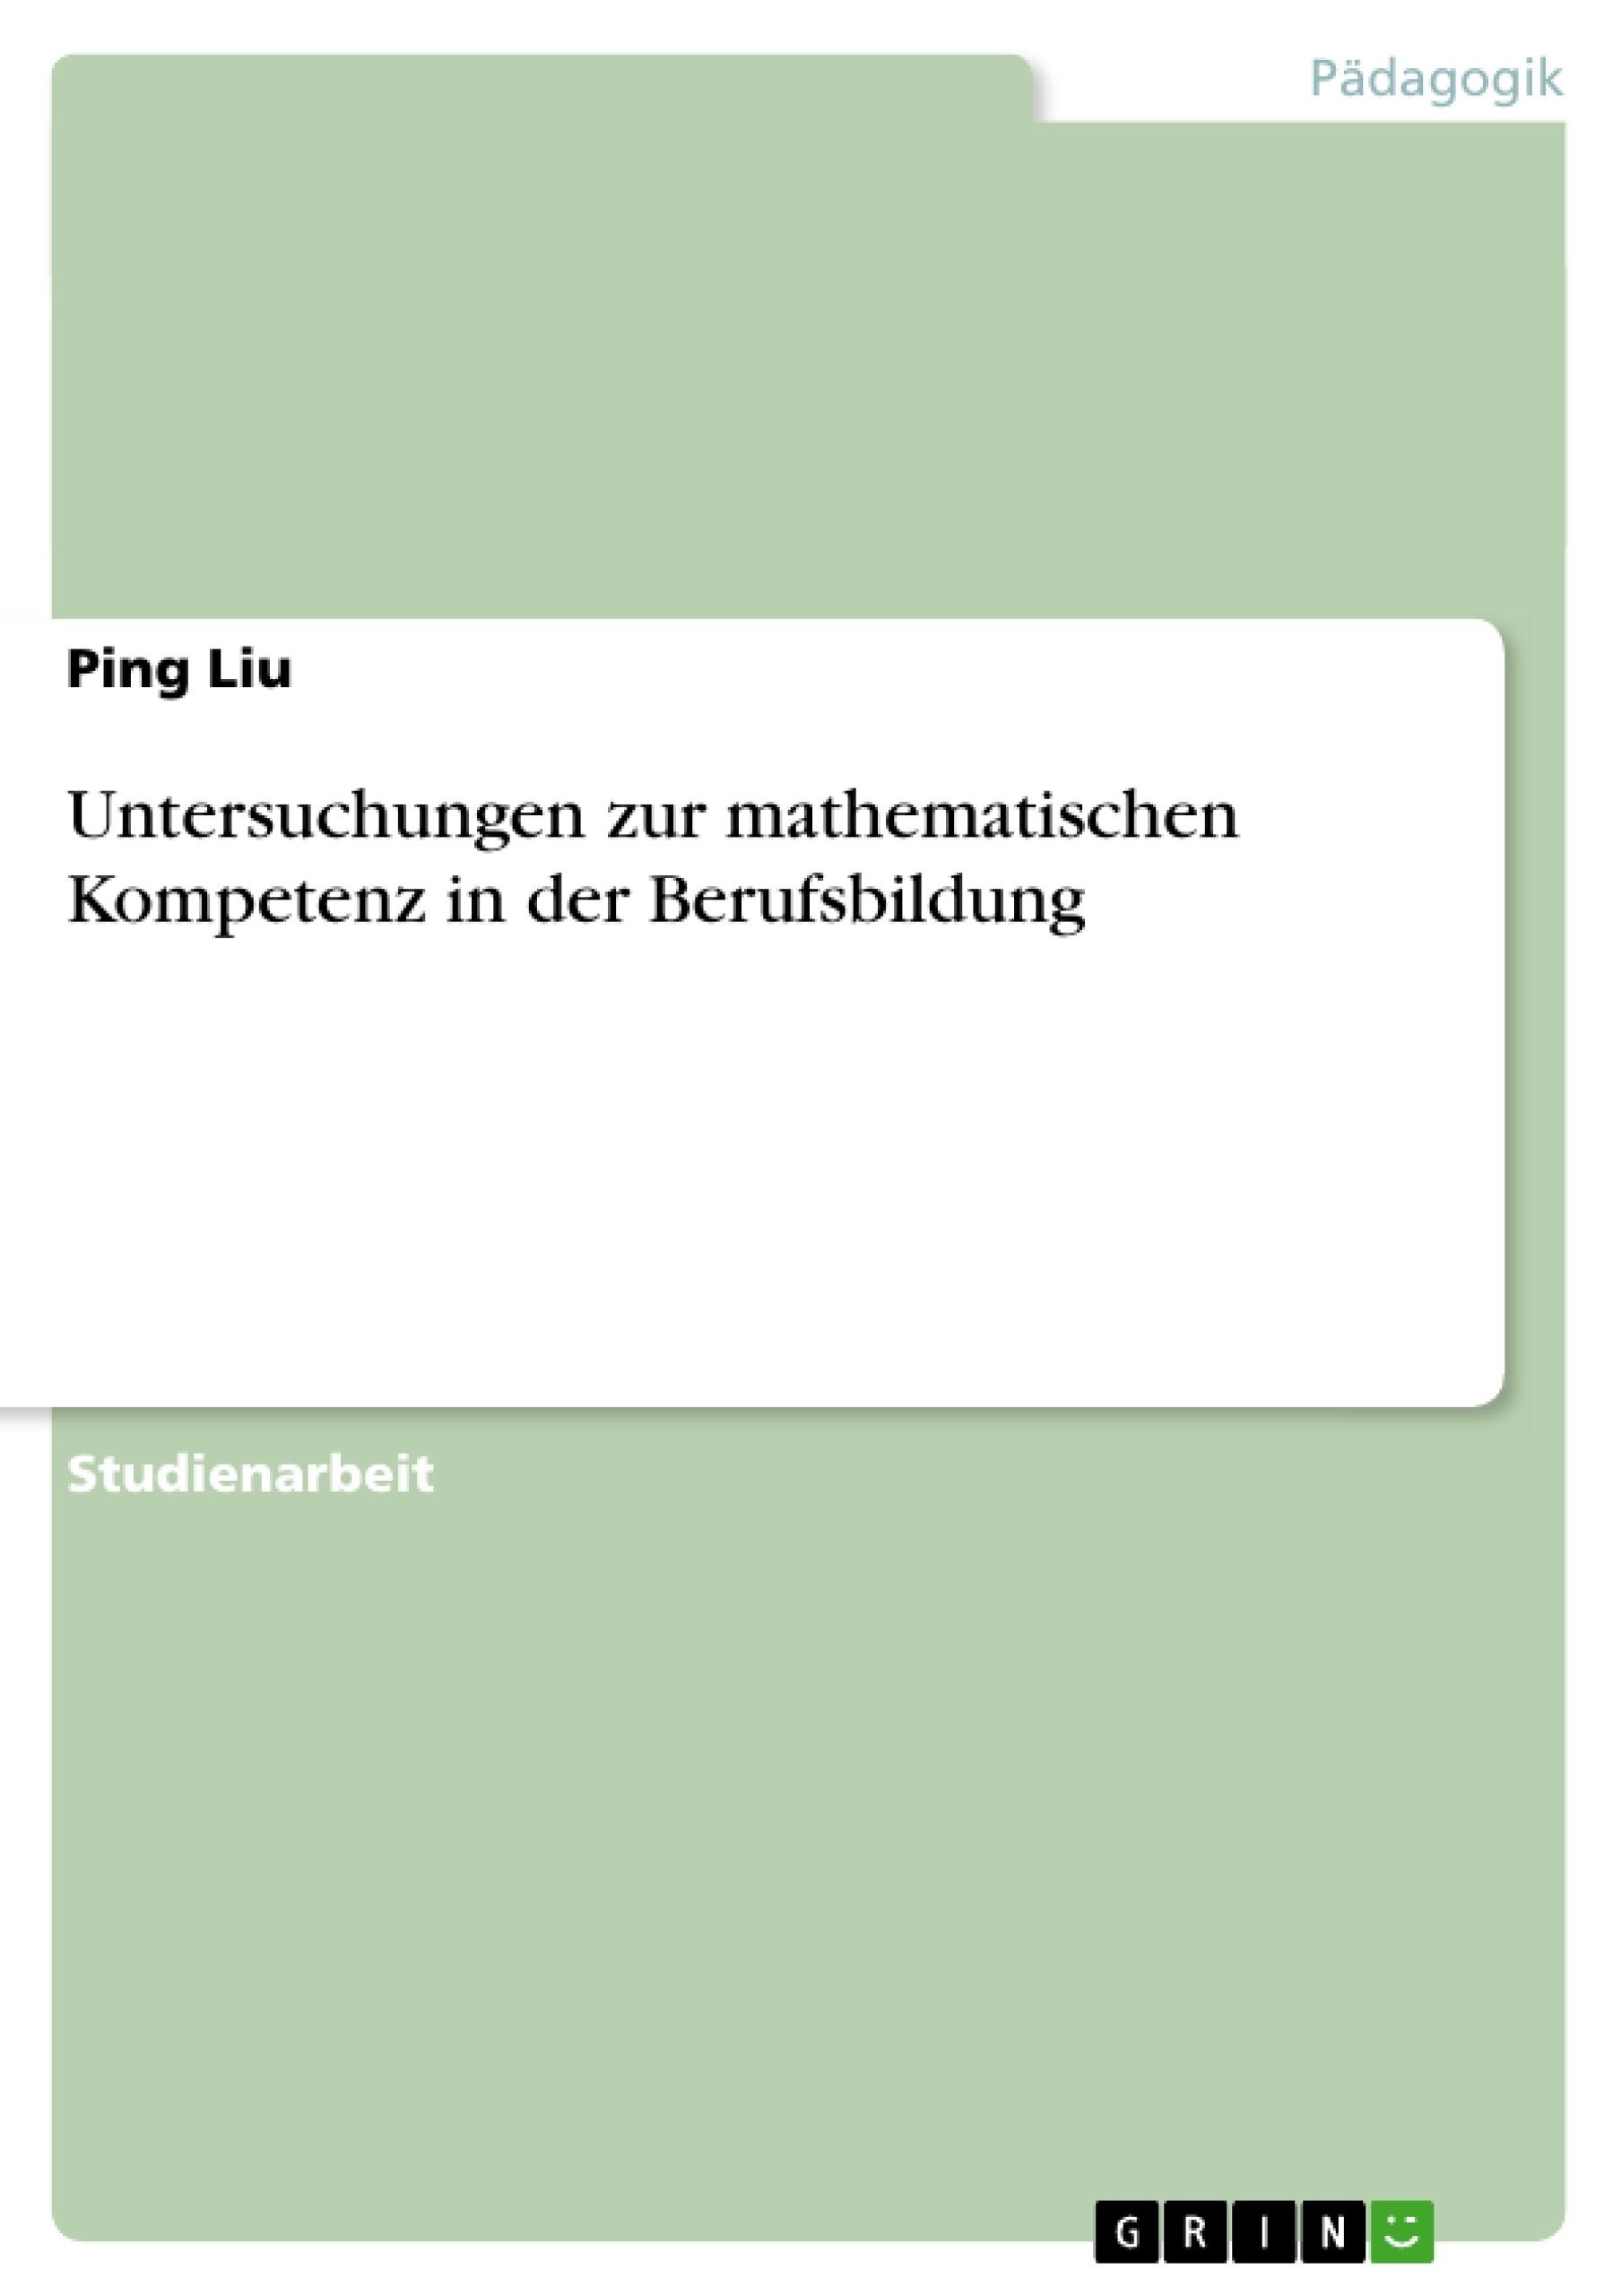 Titel: Untersuchungen zur mathematischen Kompetenz in der Berufsbildung